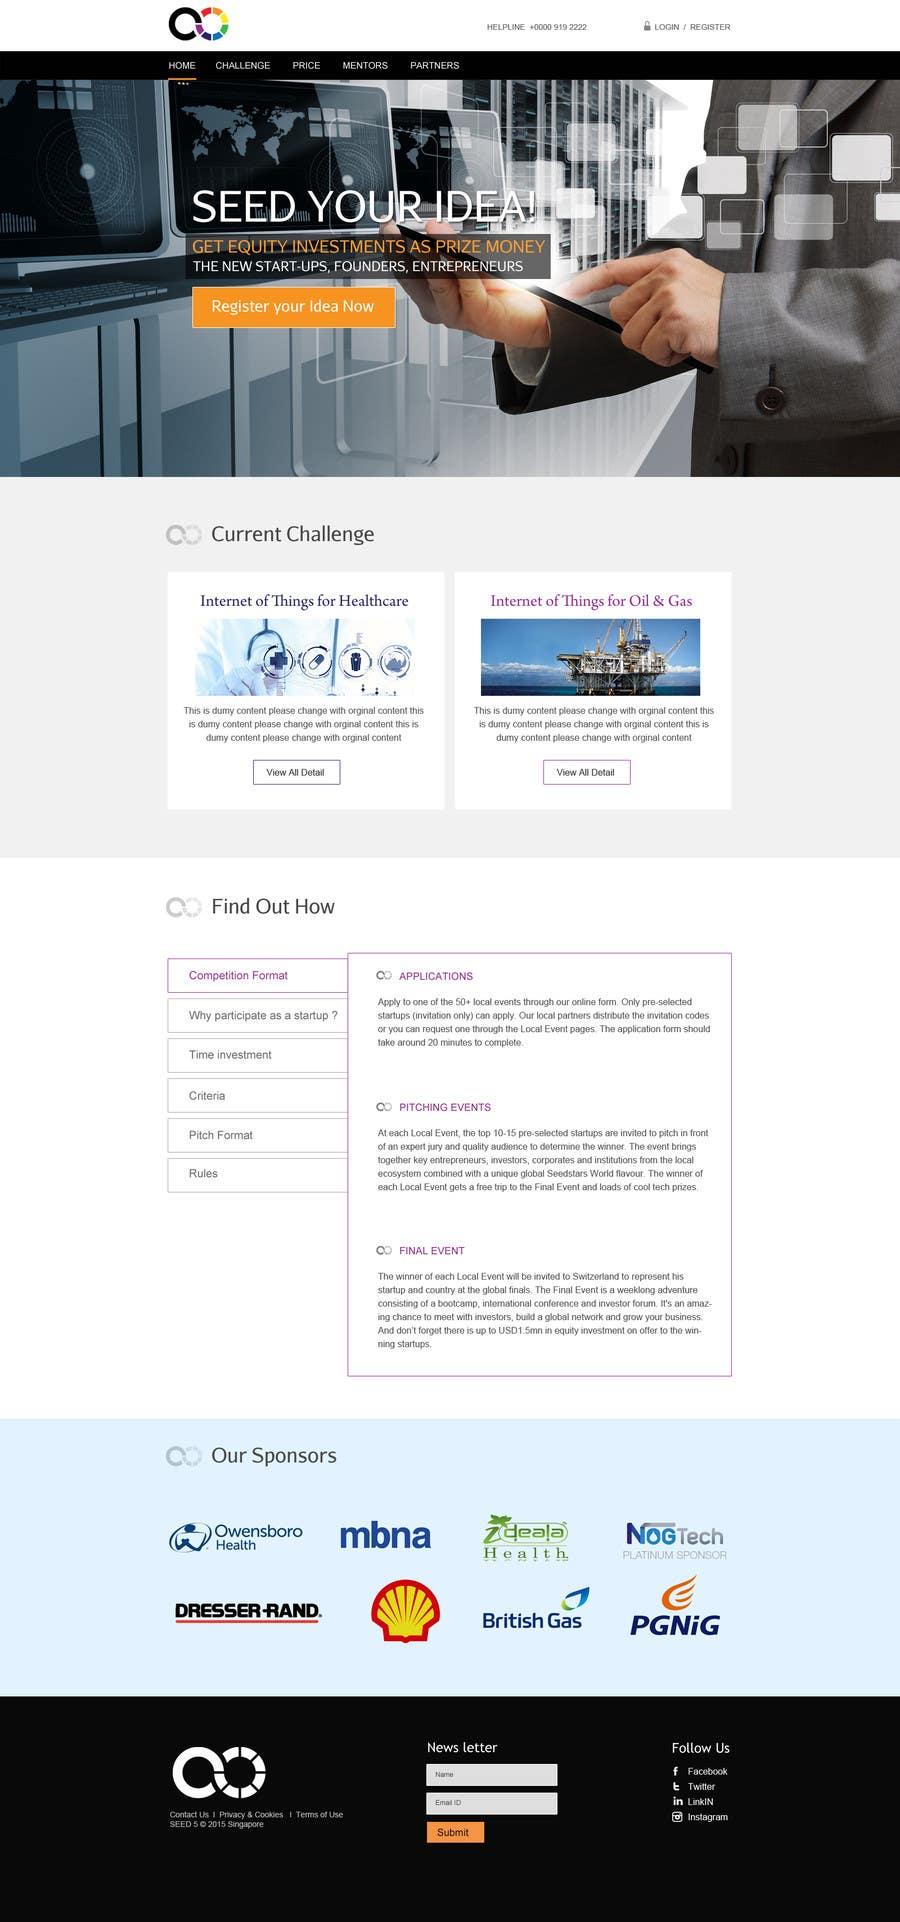 Inscrição nº 14 do Concurso para Design a Website Mockup for a Start-Up Competition